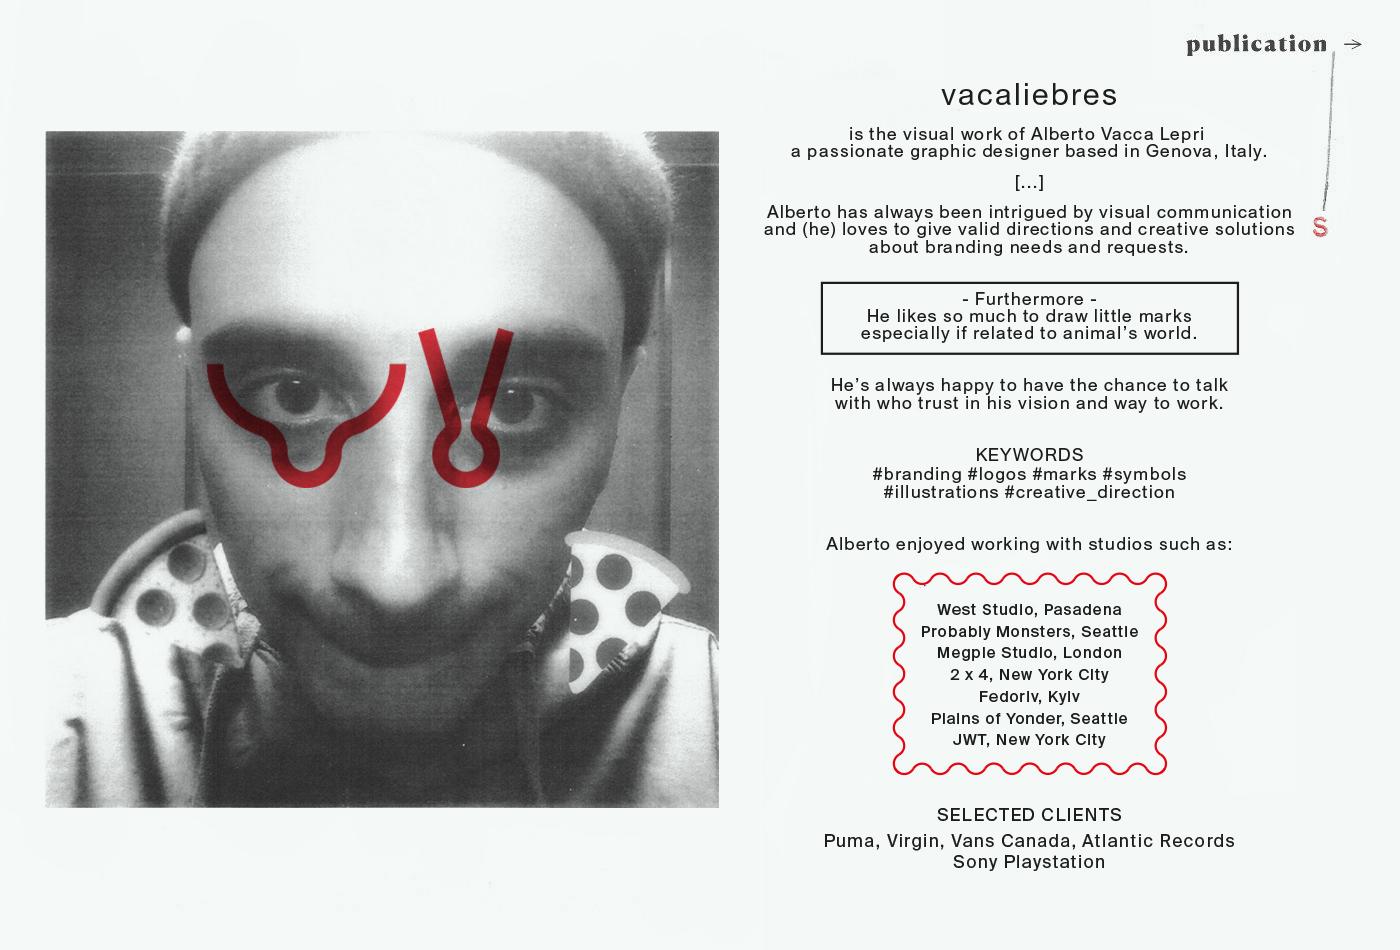 vacaliebres-albertovacca-alberto-vacca-lepri-vaccalepri-genova-logo-branding-logolounge-alberto-vacca-io-profile-bio